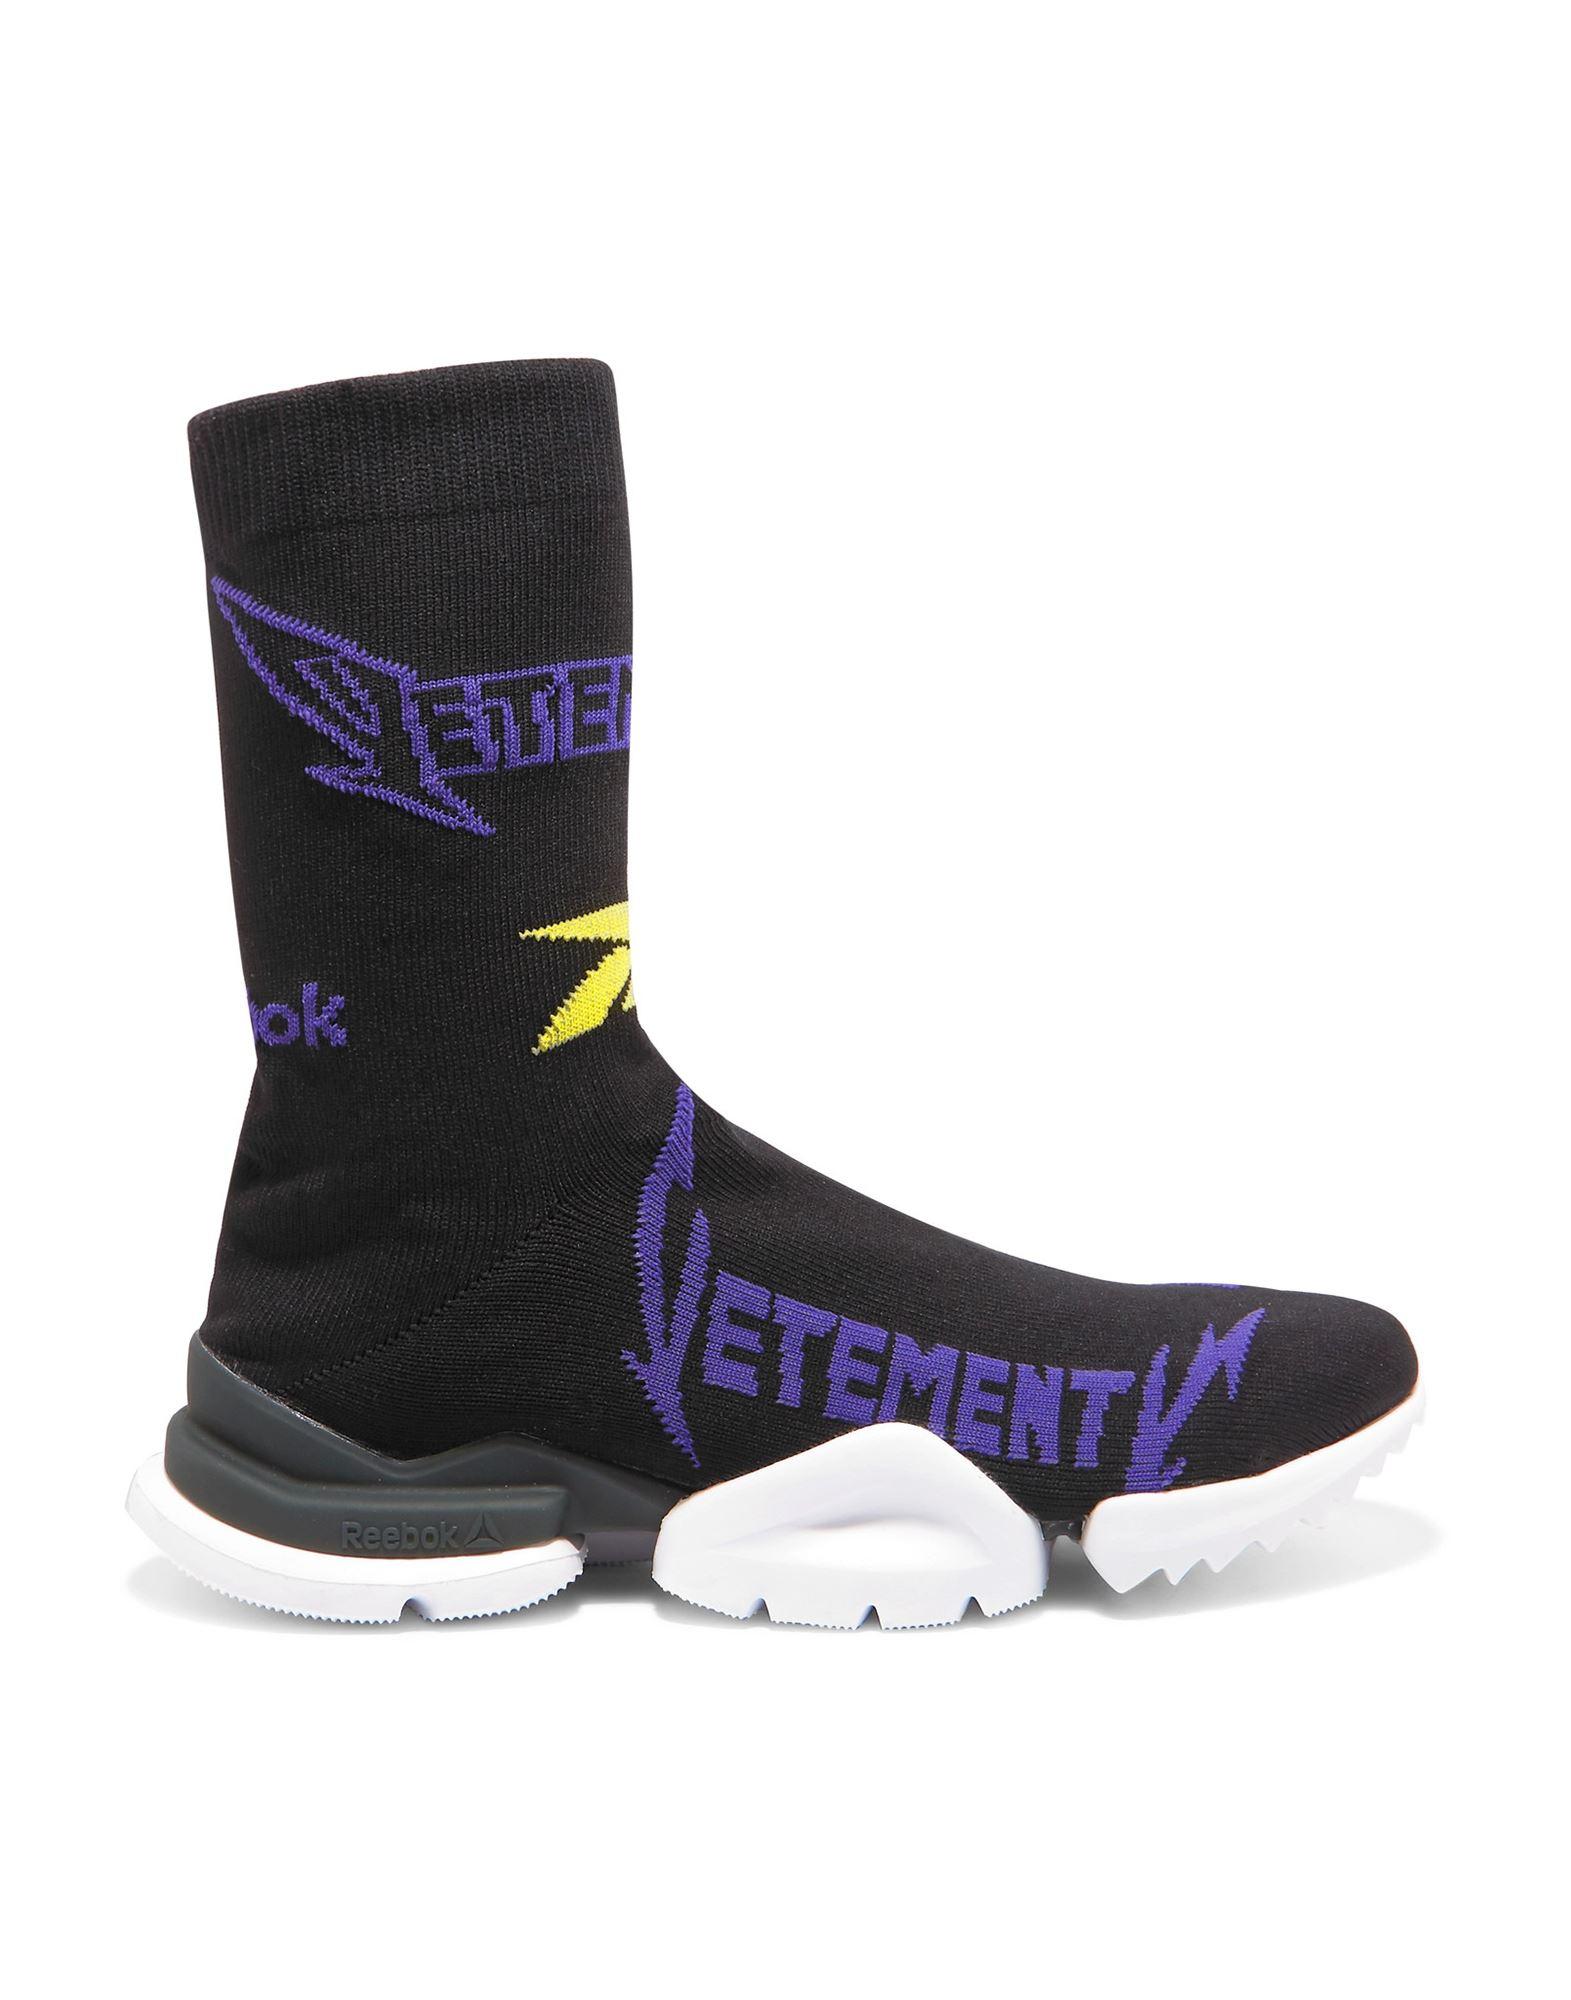 REEBOK x VETEMENTS Высокие кеды и кроссовки o x s высокие кеды и кроссовки